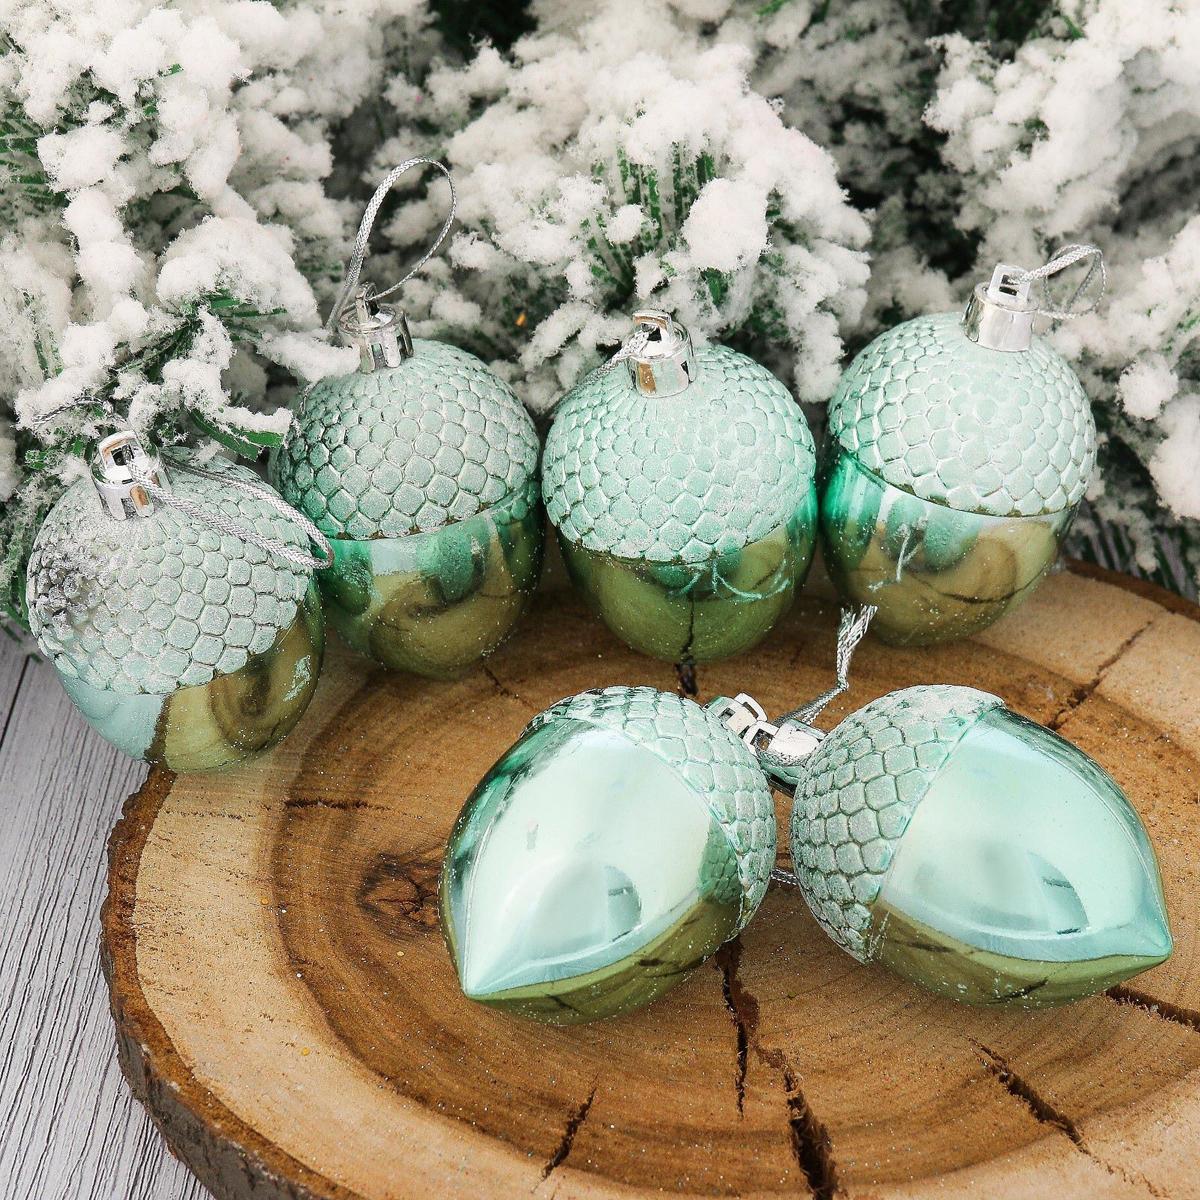 Набор новогодних подвесных украшений Желудь, цвет: голубой, 6 х 4,5 см, 6 шт2123069Набор новогодних подвесных украшений отлично подойдет для декорации вашего дома и новогодней ели. С помощью специальной петельки украшение можно повесить в любом понравившемся вам месте. Но, конечно, удачнее всего оно будет смотреться на праздничной елке.Елочная игрушка - символ Нового года. Она несет в себе волшебство и красоту праздника. Такое украшение создаст в вашем доме атмосферу праздника, веселья и радости.